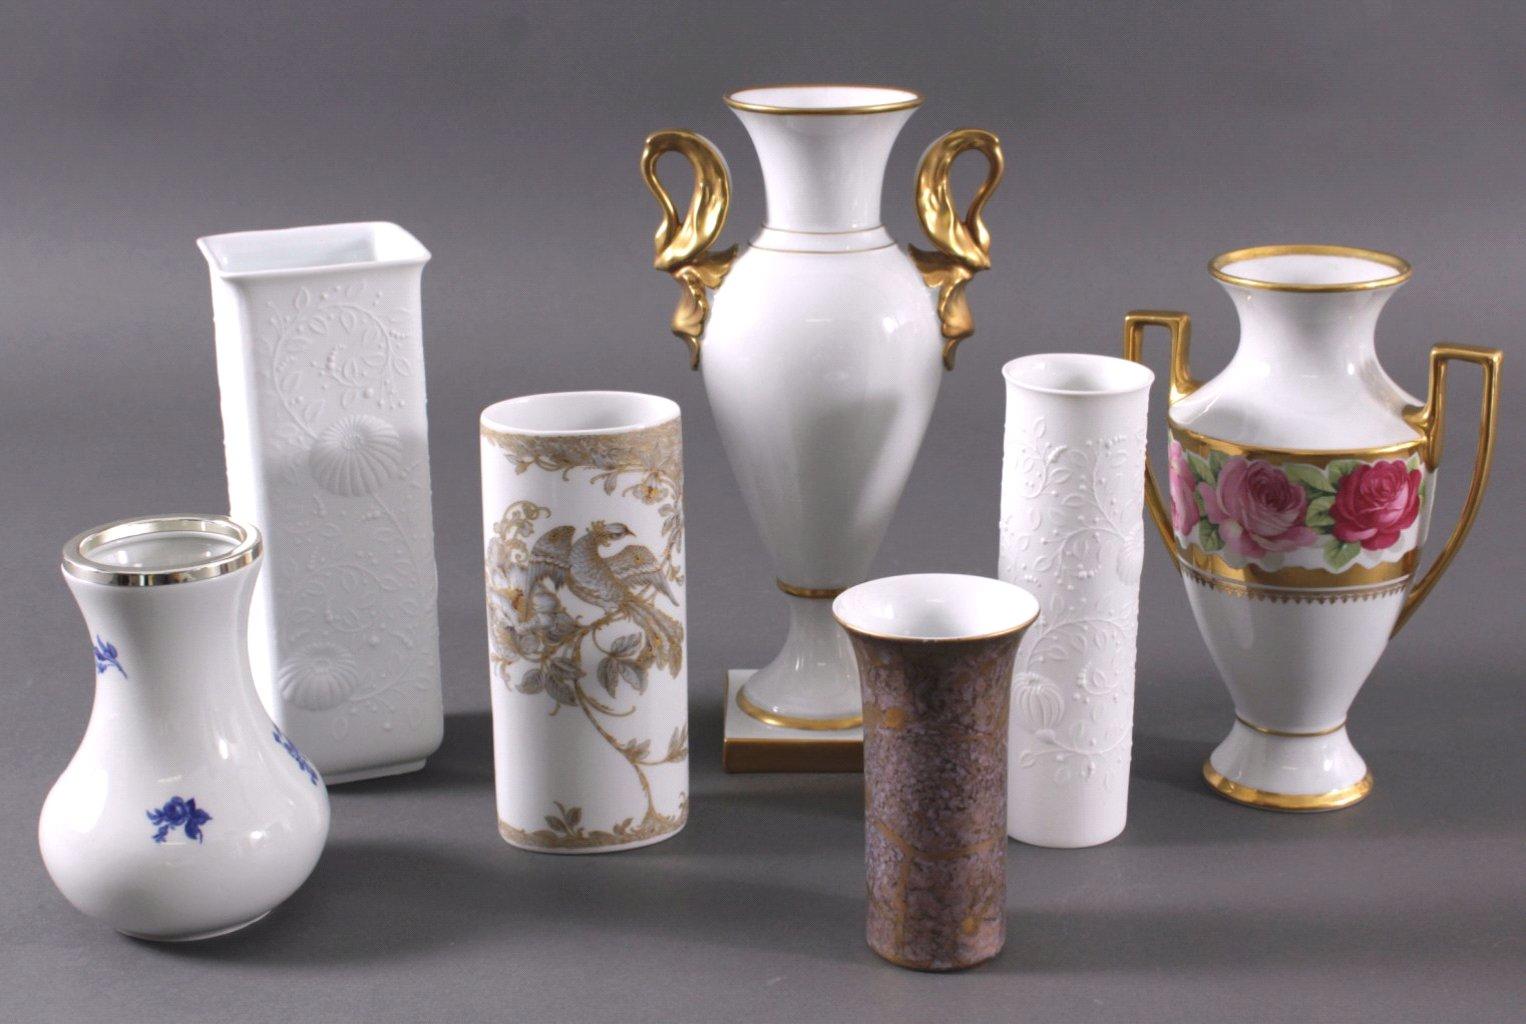 Sechs unterschiedliche Porzellanvasen